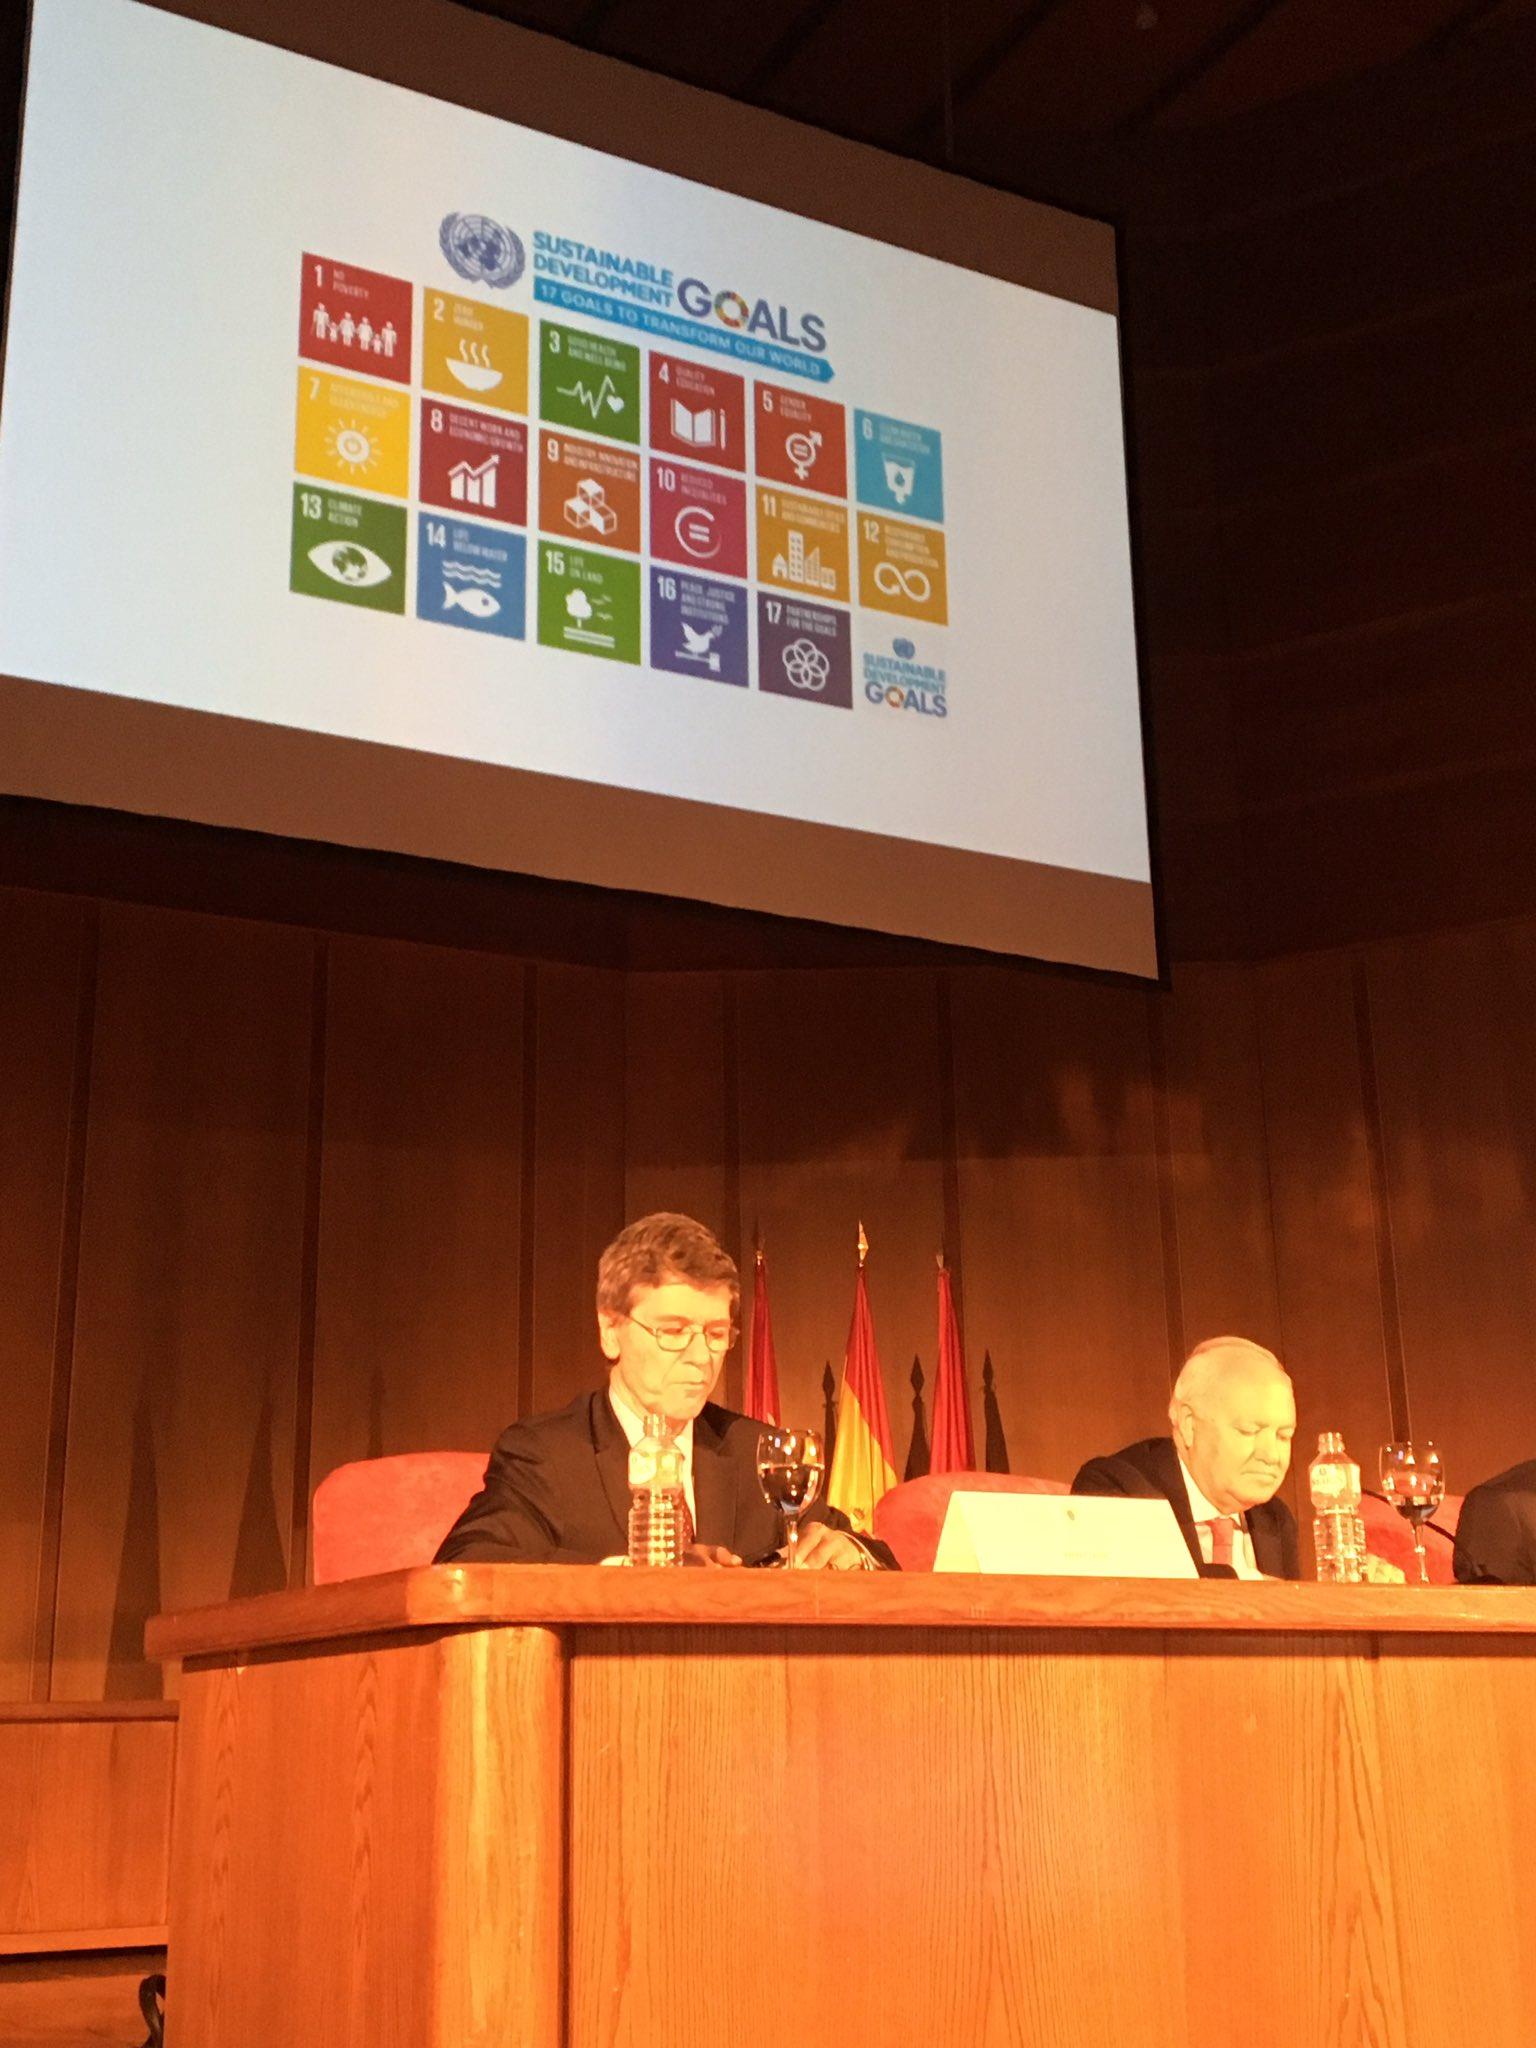 Estamos en la conferencia de @JeffDSachs presidente de @reds_sdsn en CIU para hablar de los #ODS #Agenda2030 en las universidades españolas https://t.co/WmJSWmzaJT